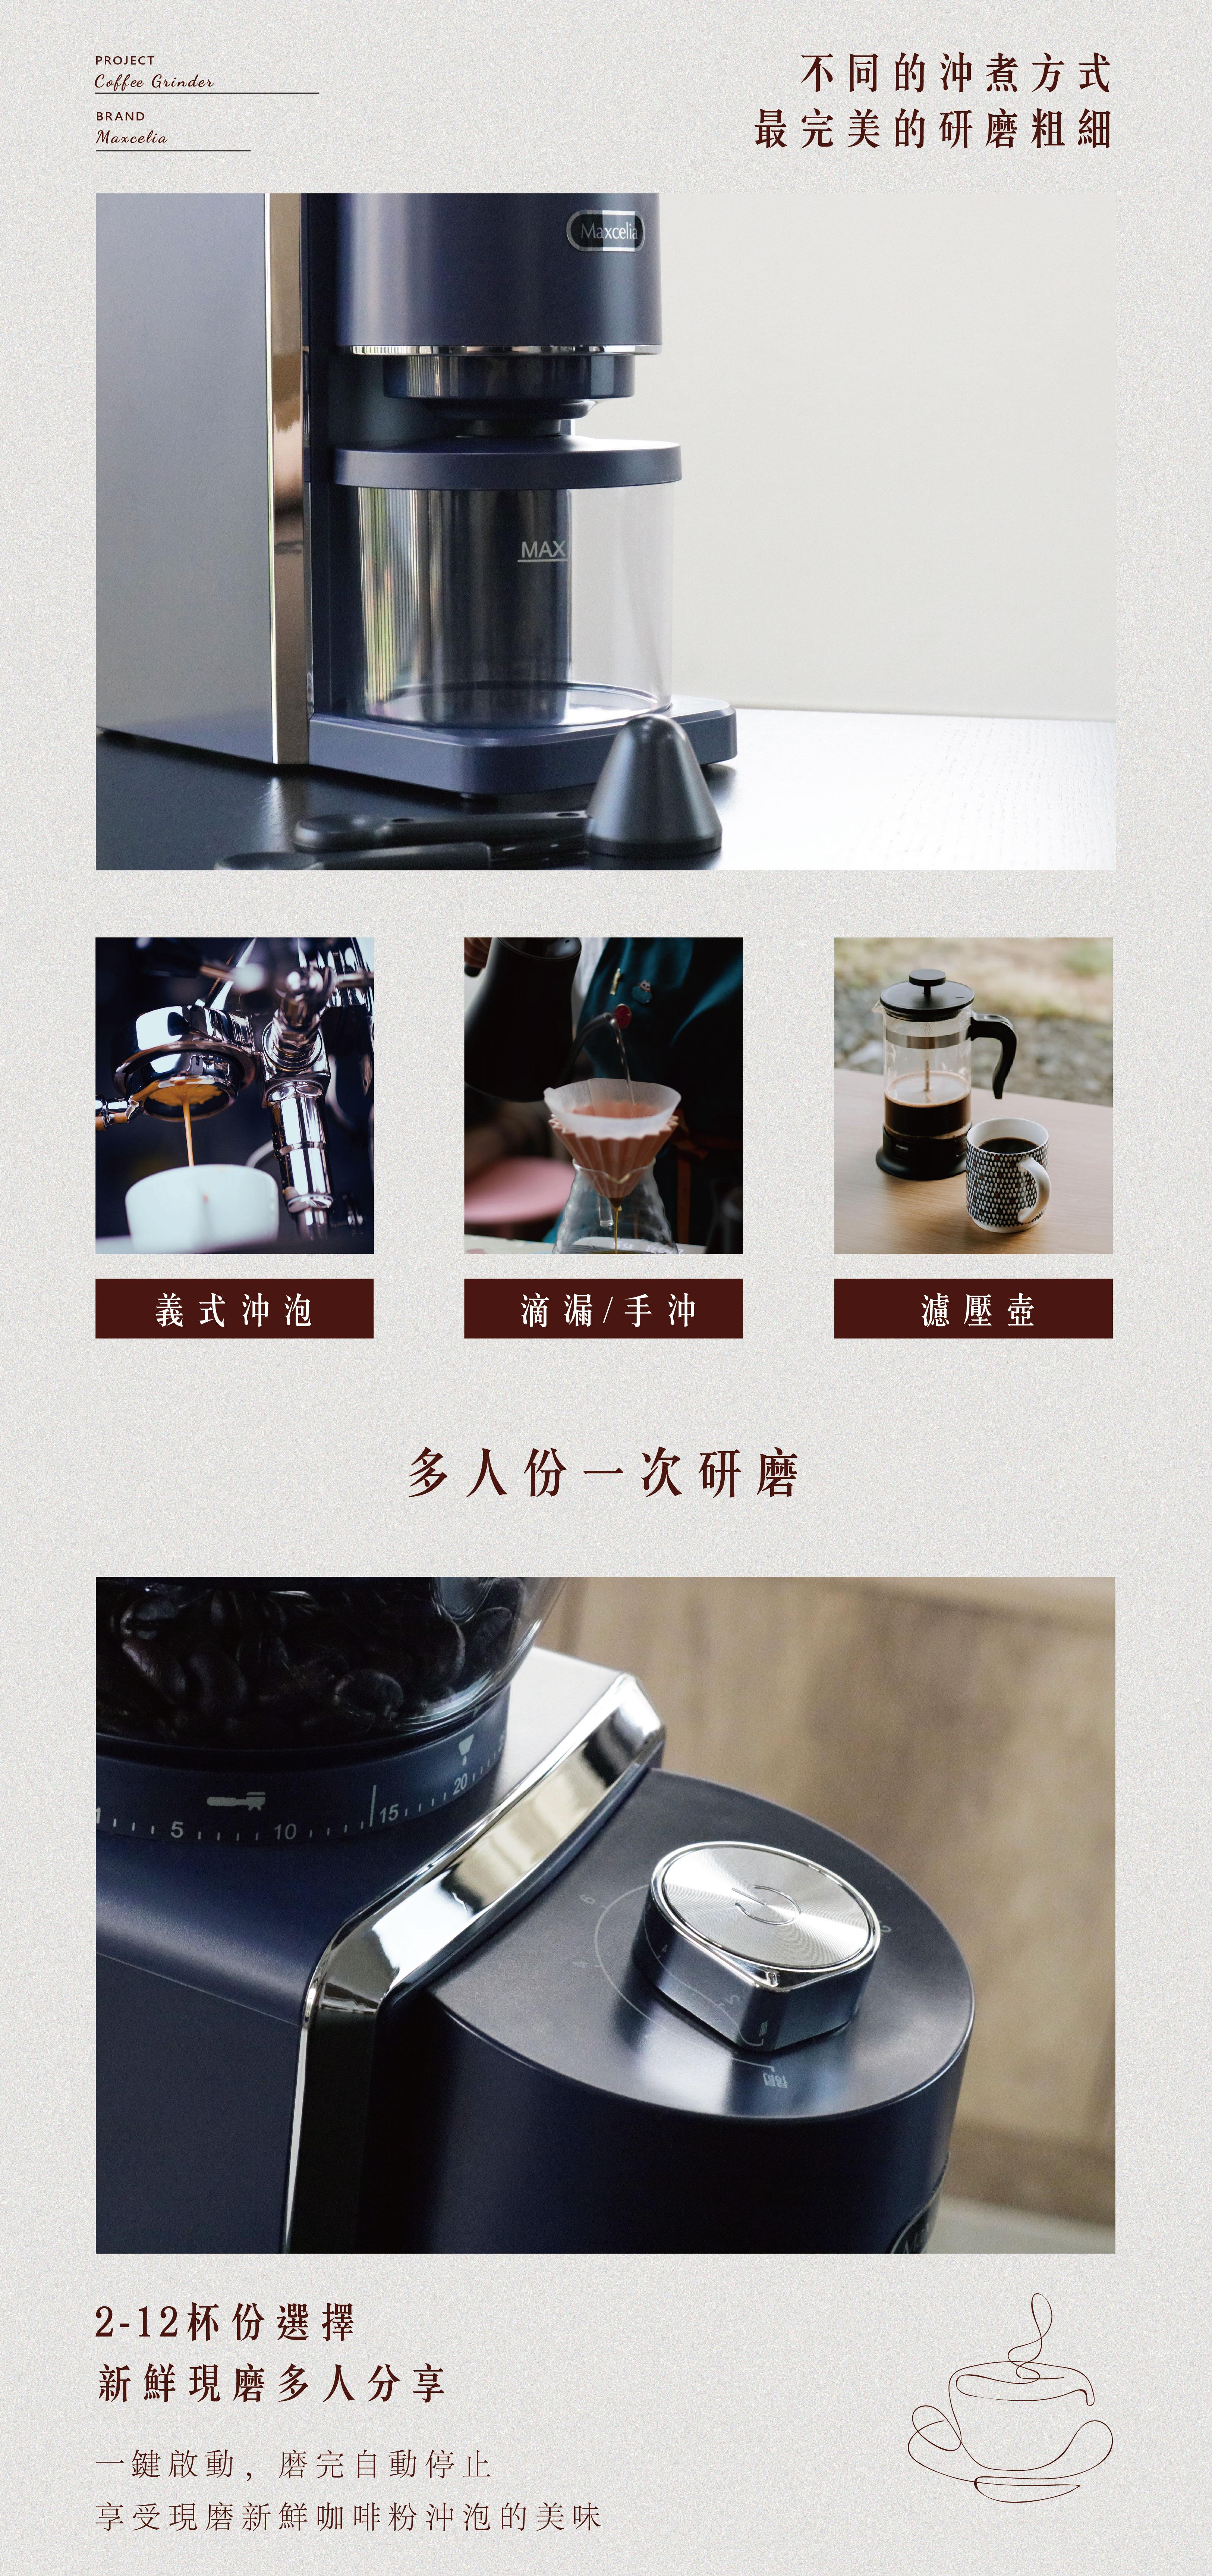 MX-0120CG_商品頁_修_1008-04.jpg